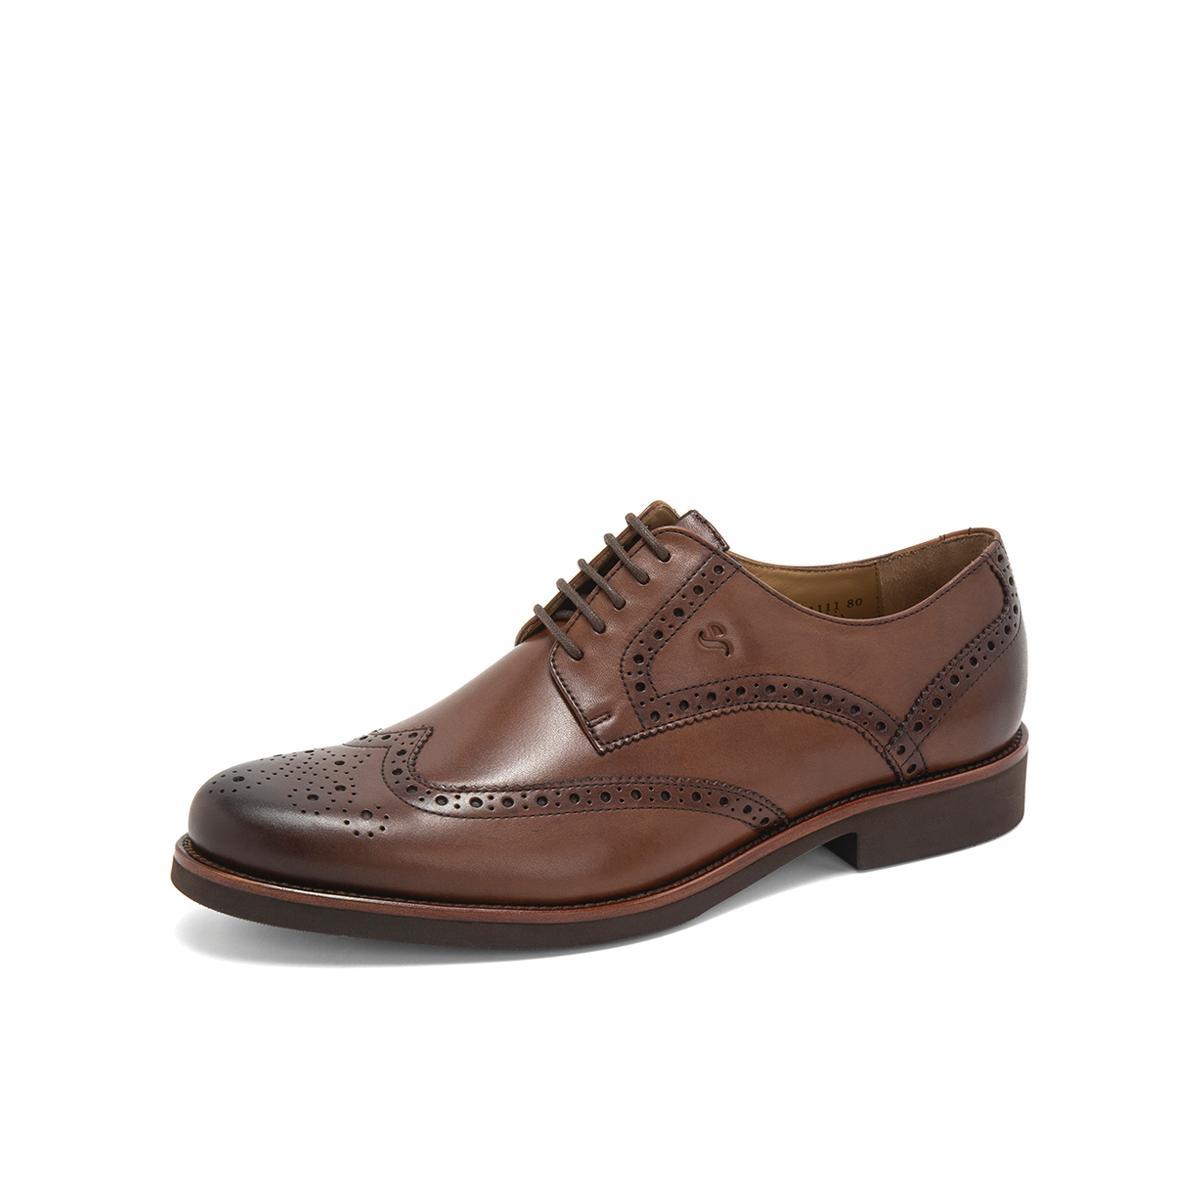 圣伽步圣伽步英伦满帮鞋新款2091111180